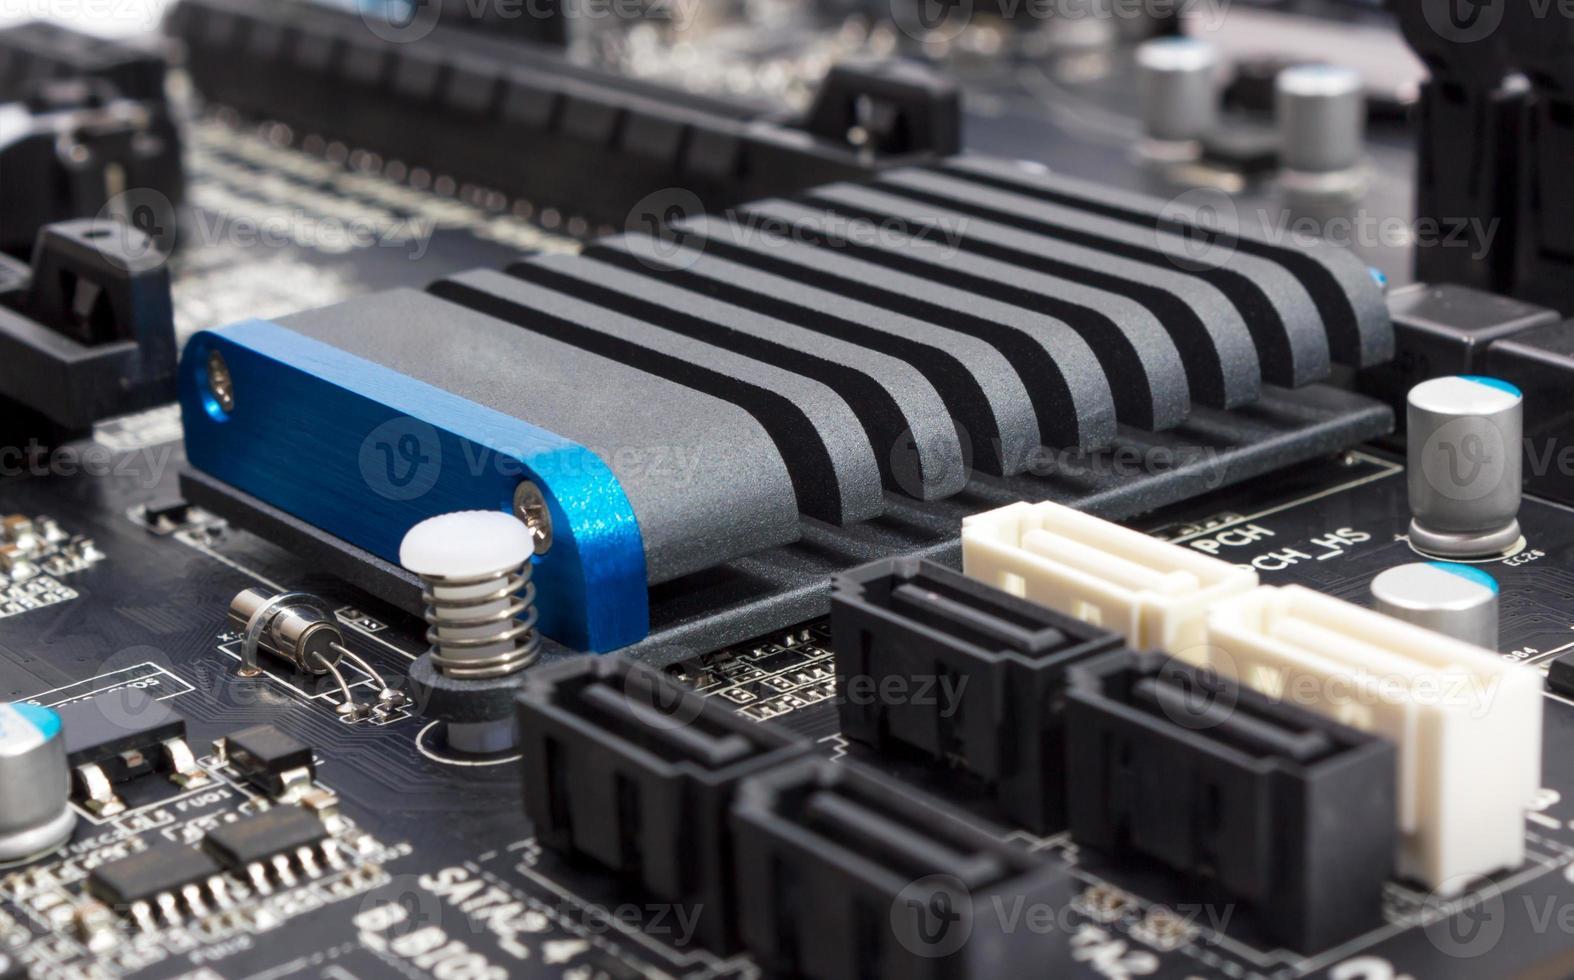 coleção eletrônica - componentes digitais na placa principal do computador foto